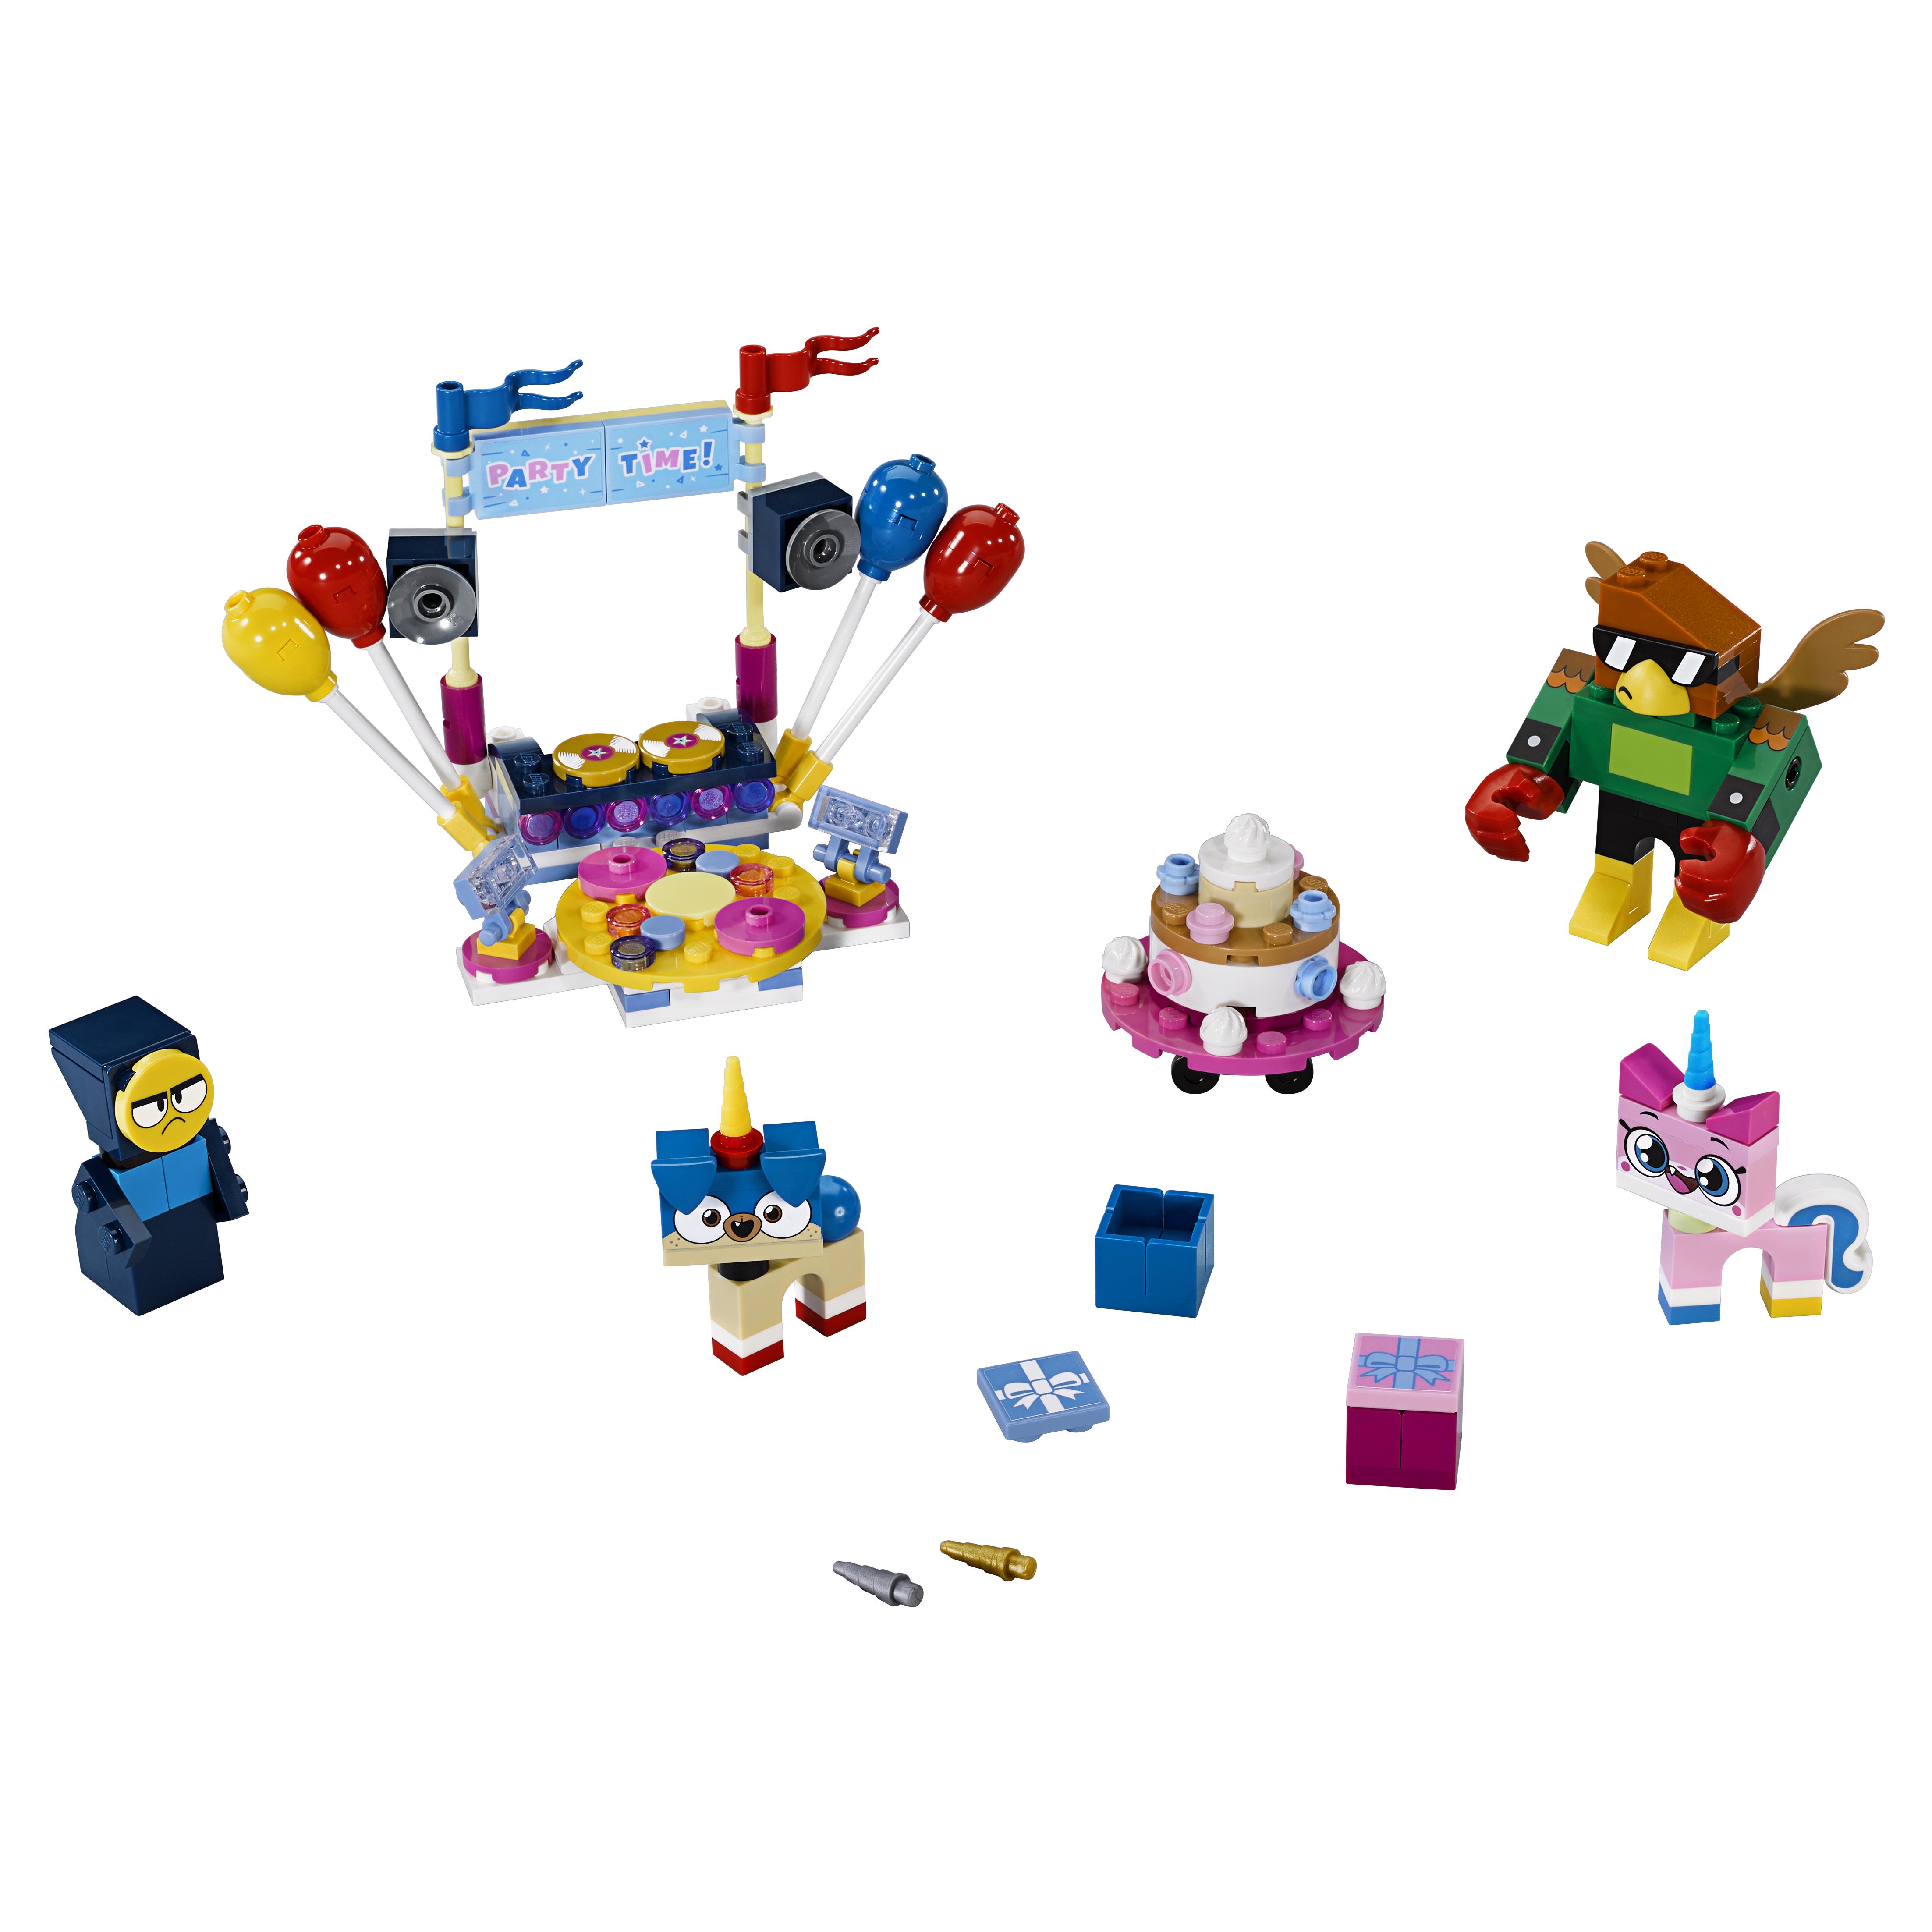 Купить Конструктор lego вечеринка 41453, Конструктор LEGO Вечеринка 41453, LEGO для девочек